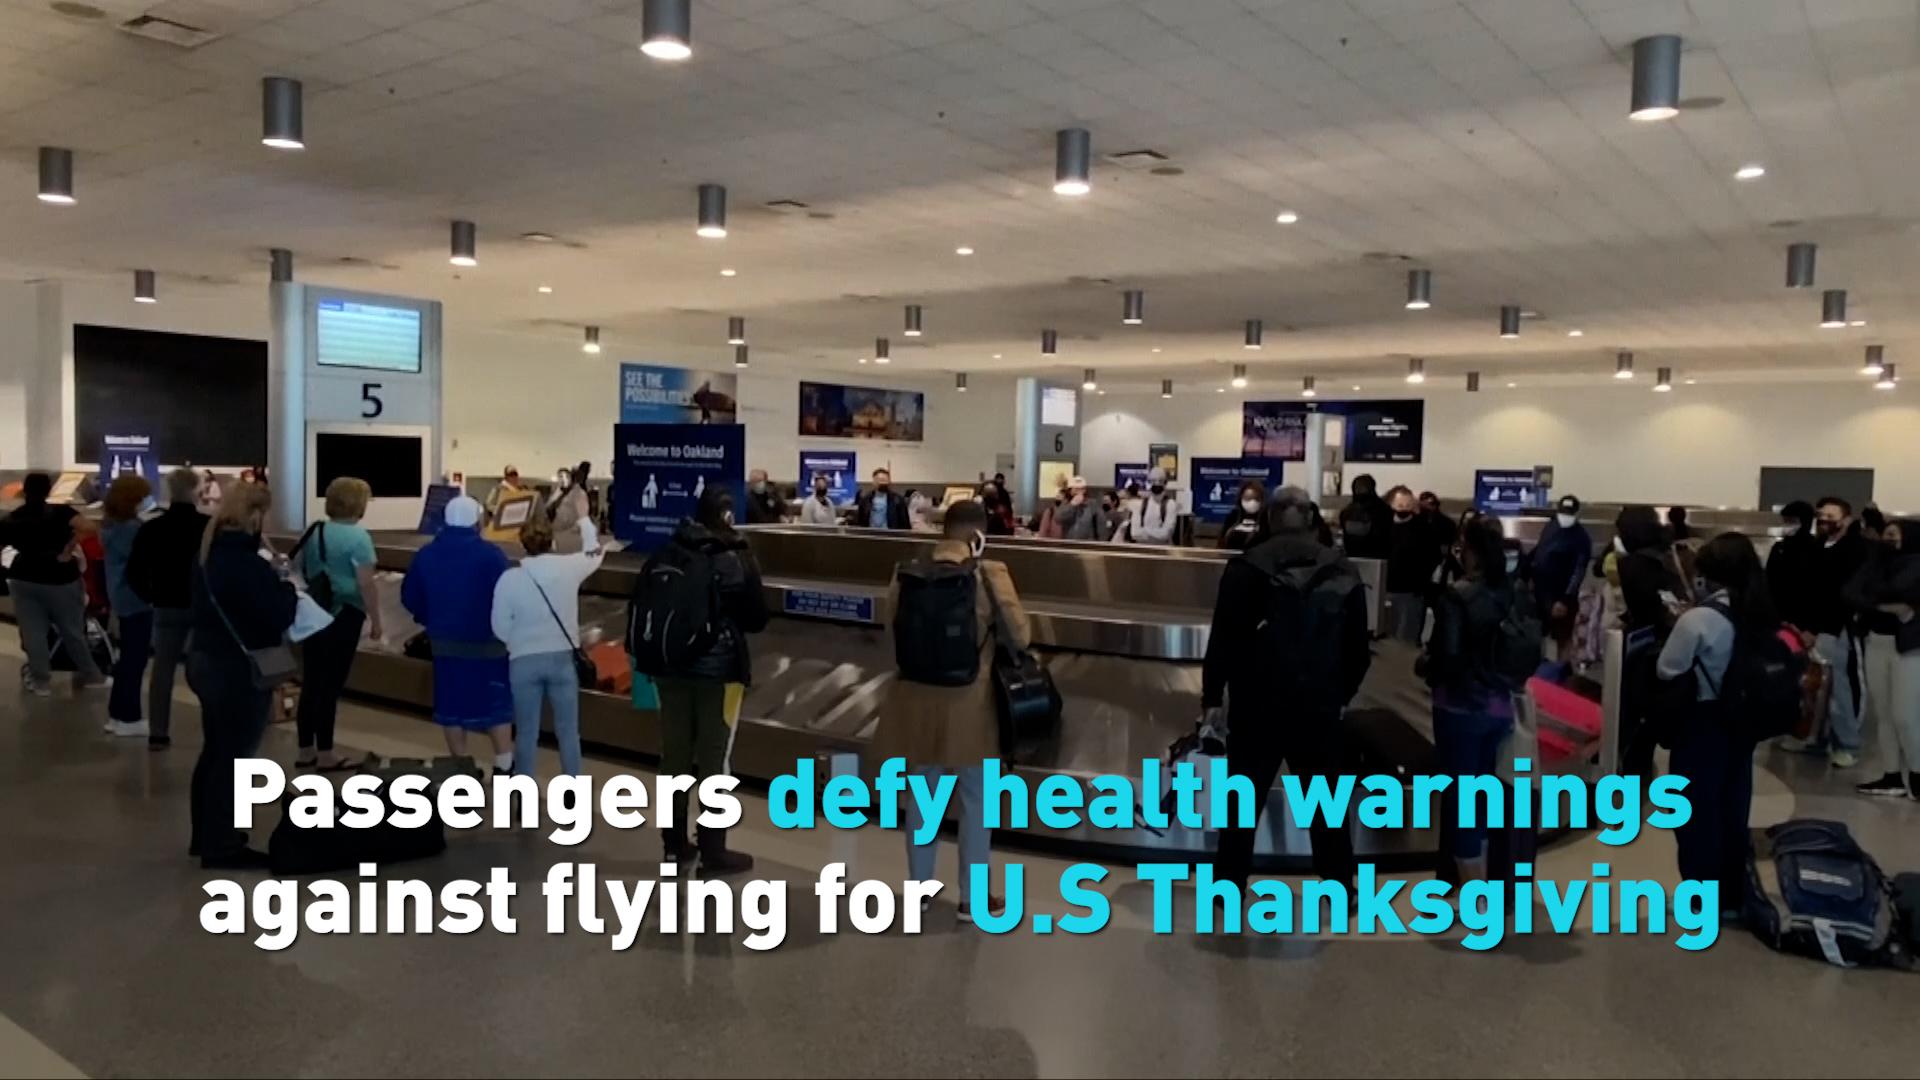 Passengers defy health warnings against flying for US Thanksgiving